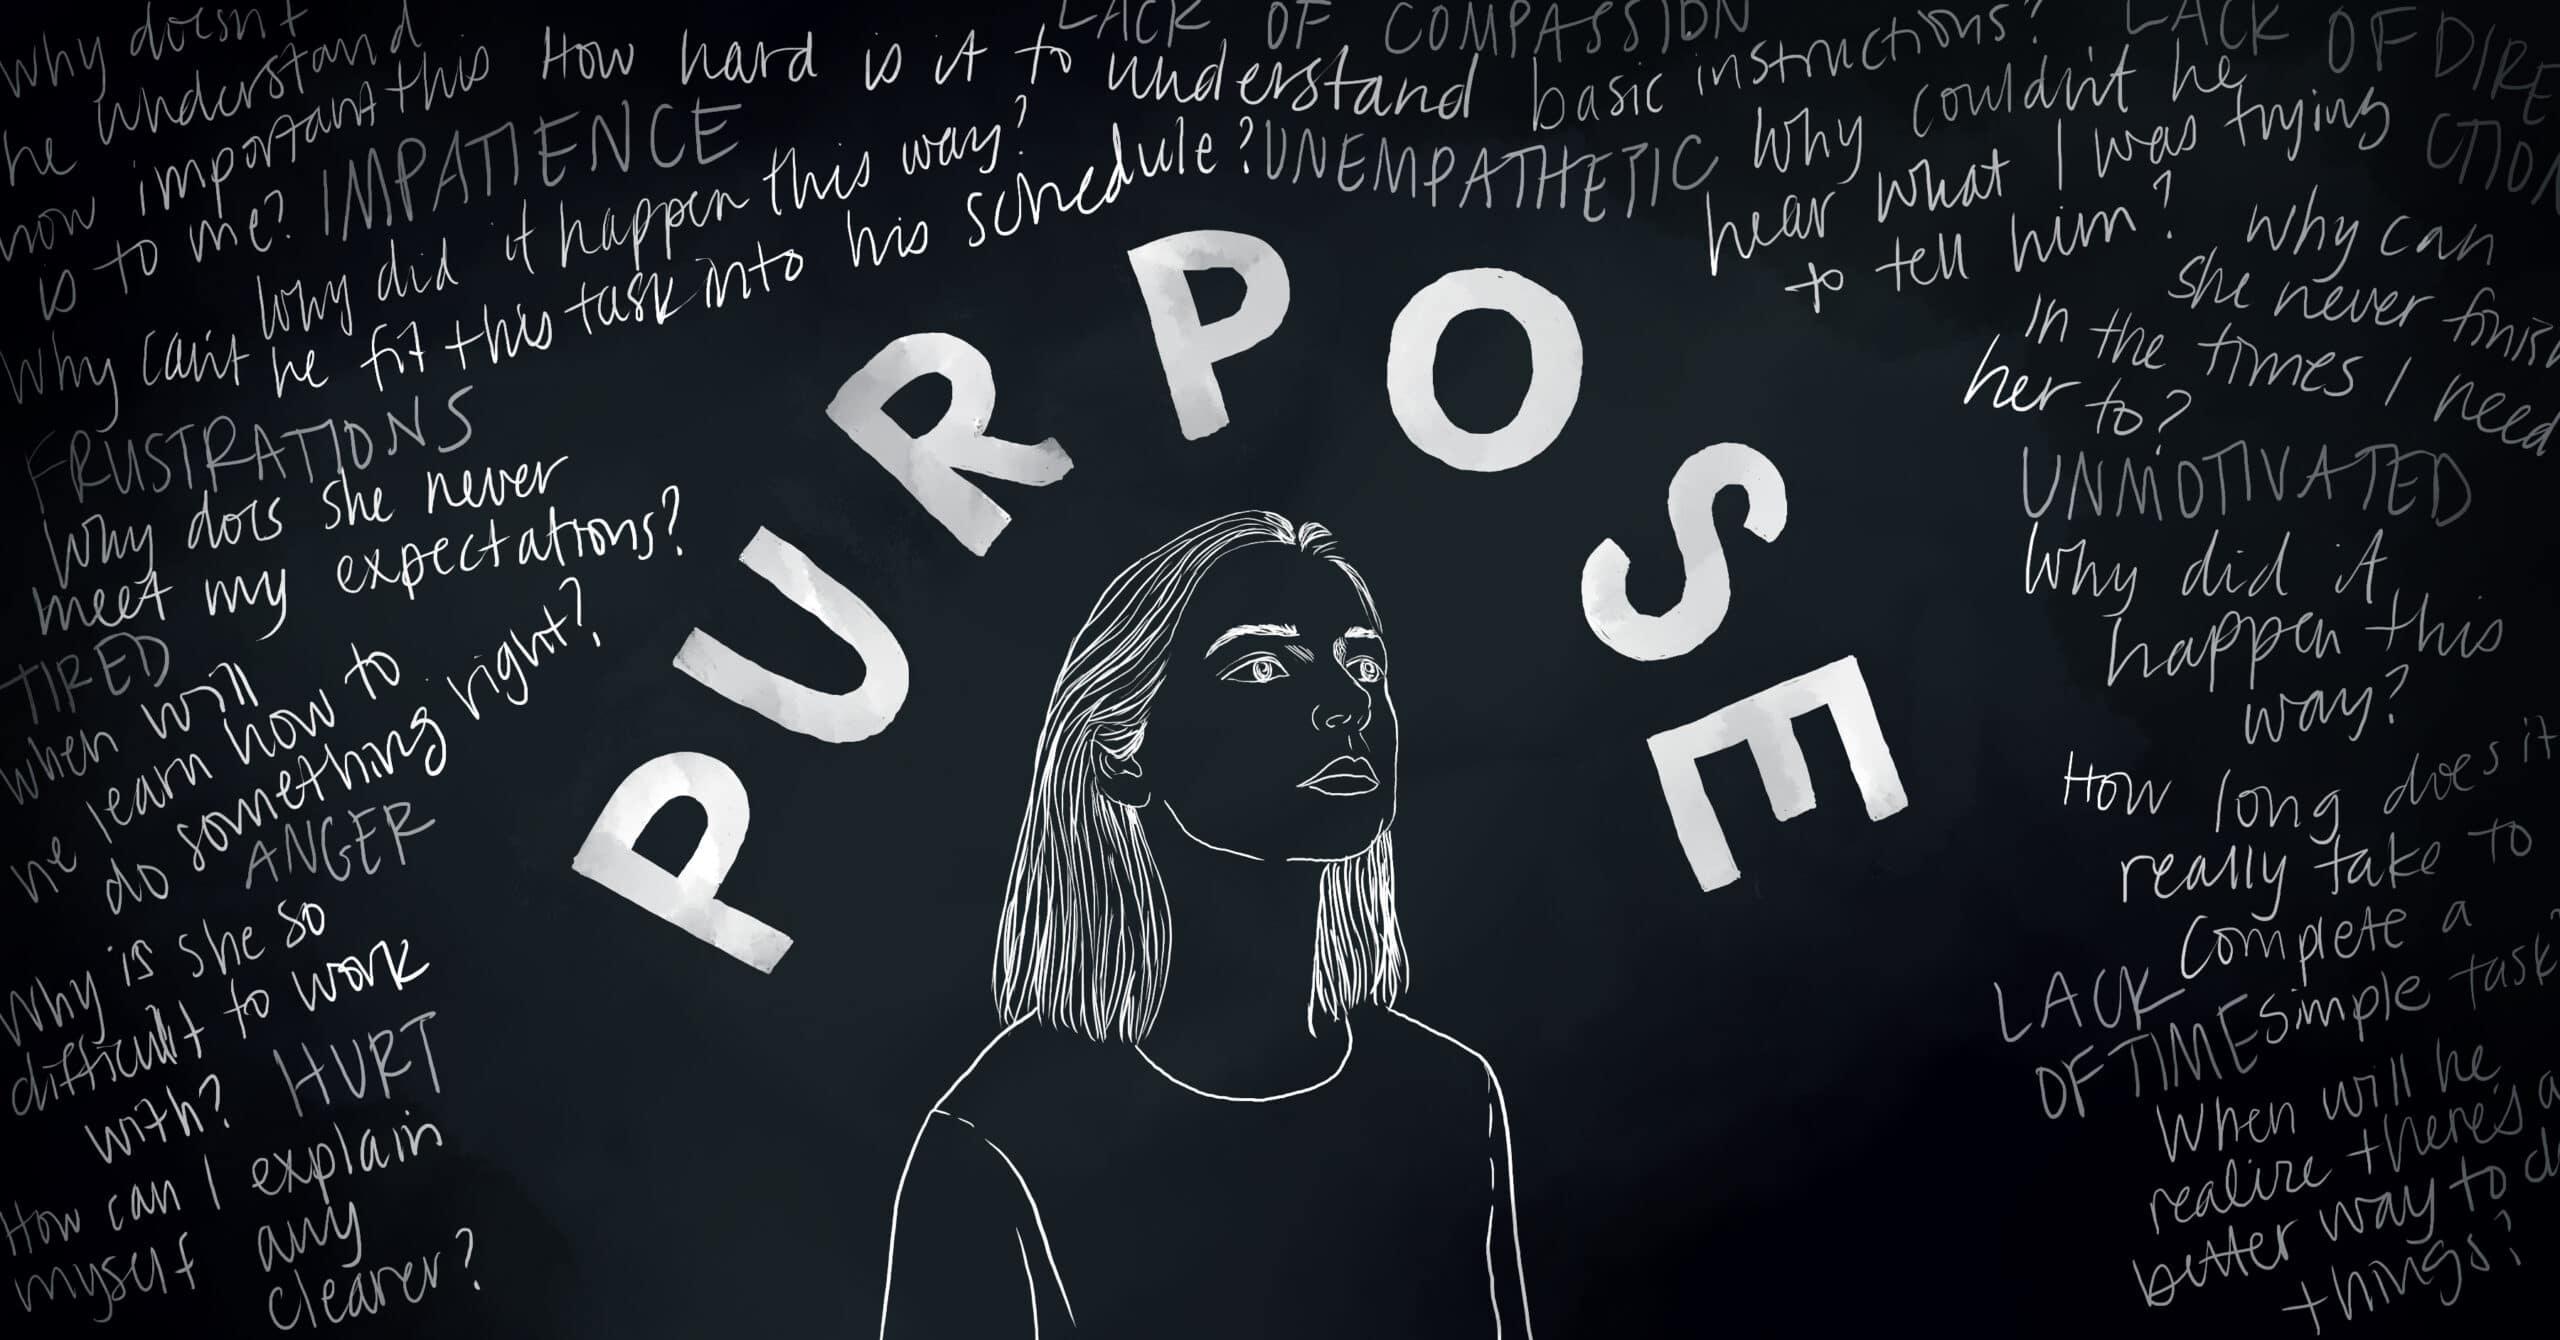 Keeping the Bigger Purpose in Focus